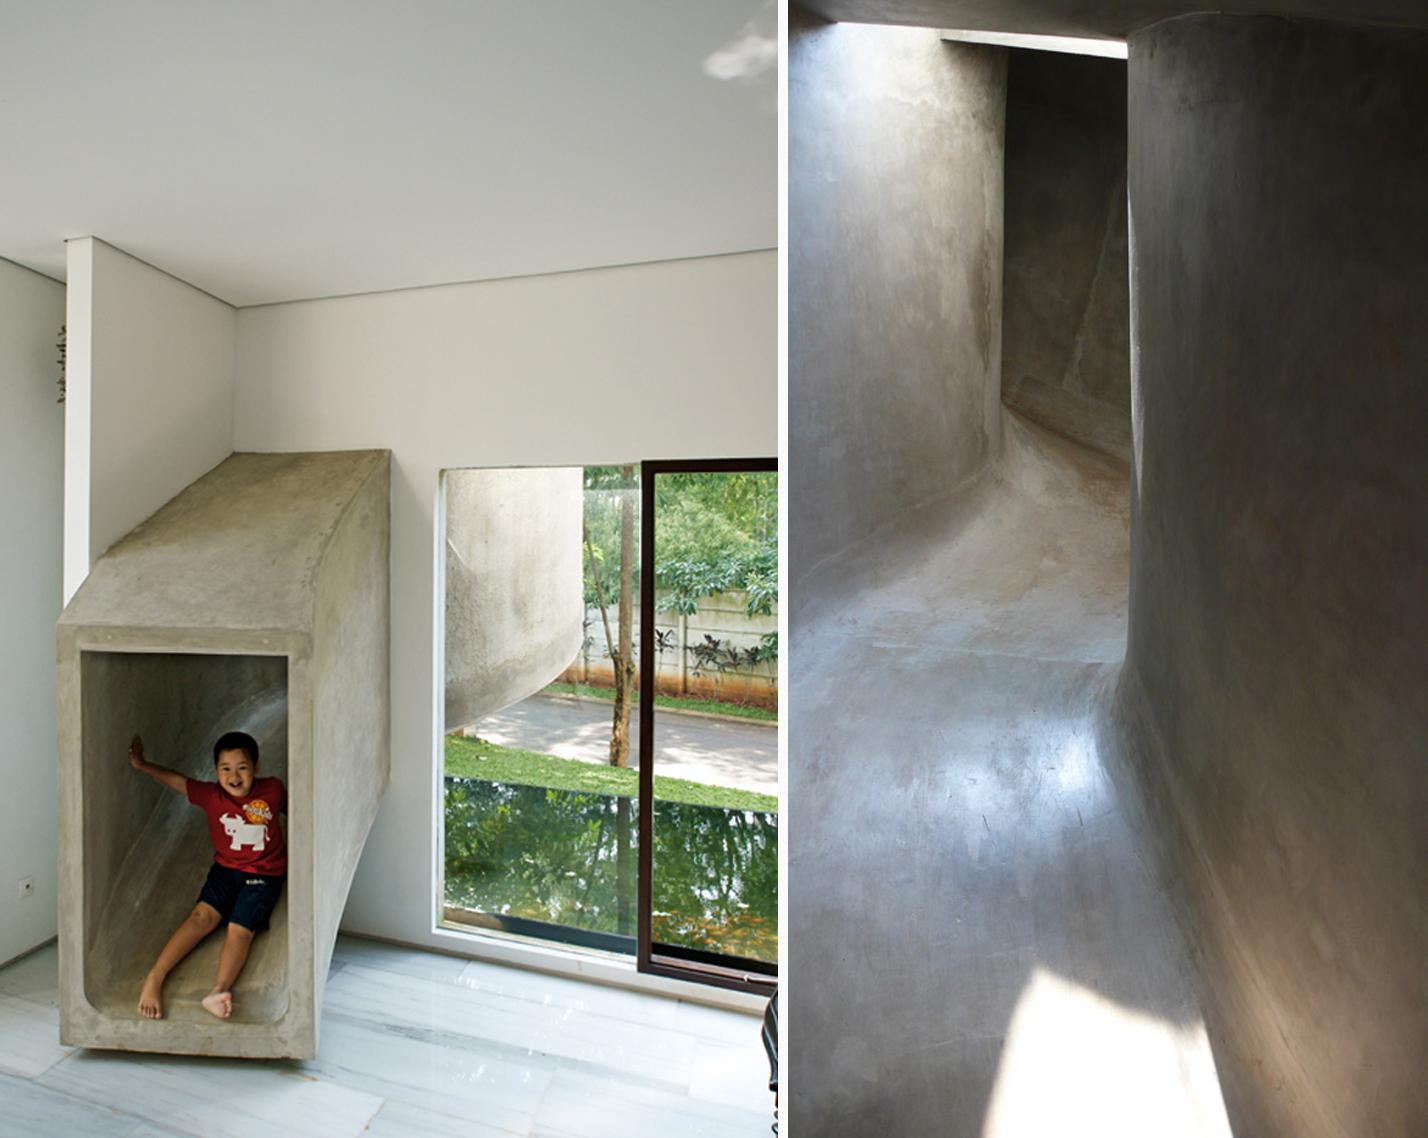 Daniel paya dise o de interiores arquitectura y - Casa con tobogan ...